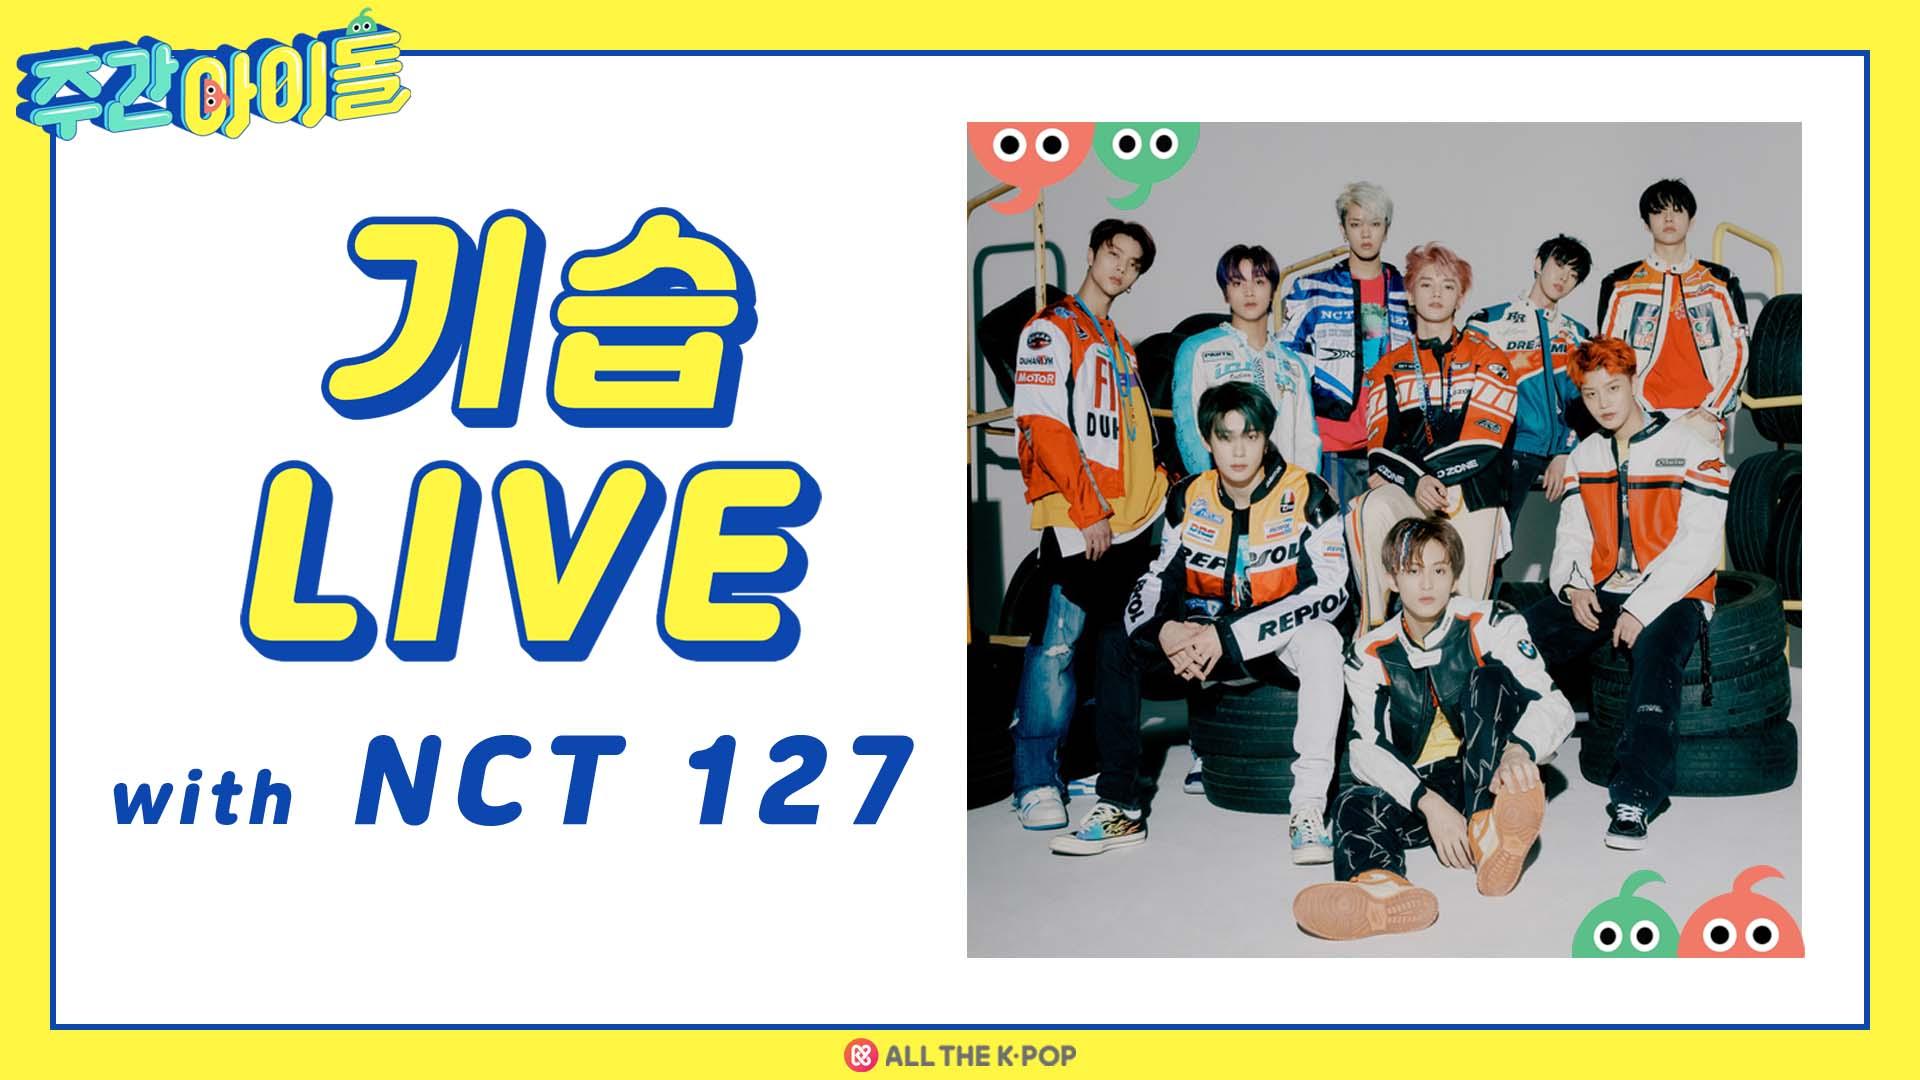 [주간아이돌] 기습 라이브 with NCT 127